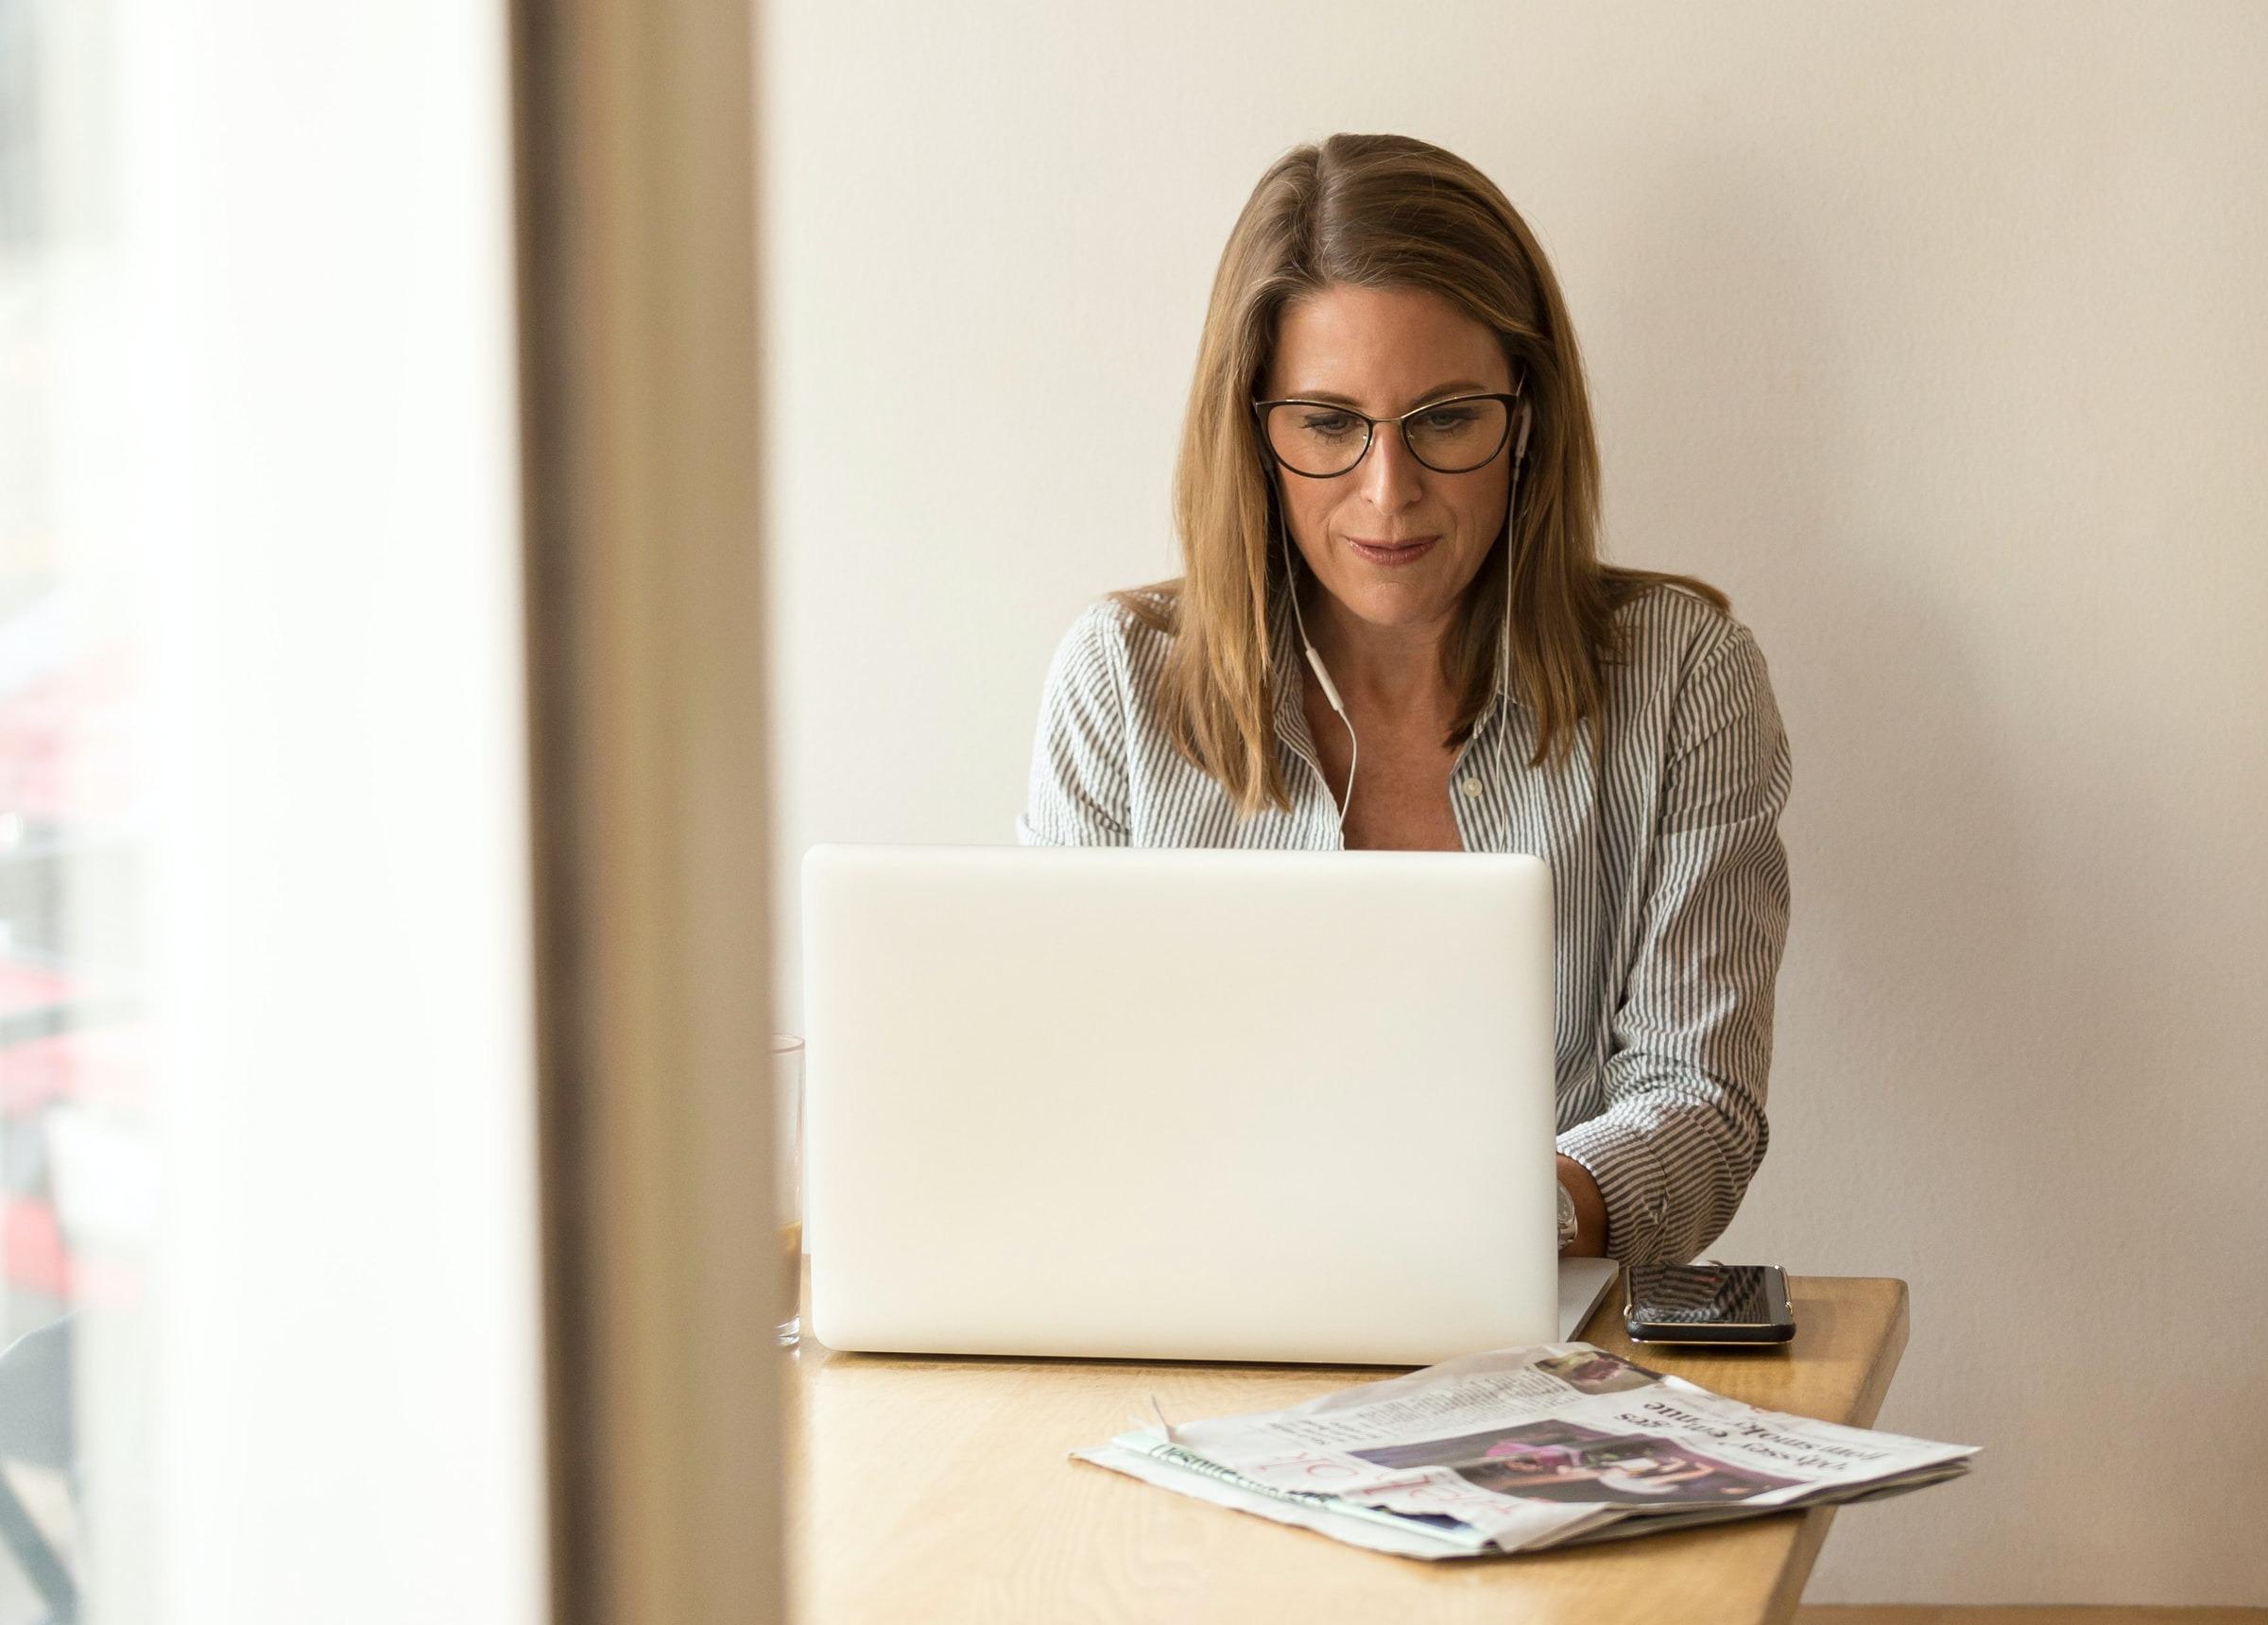 kvinna som sitter framför dator